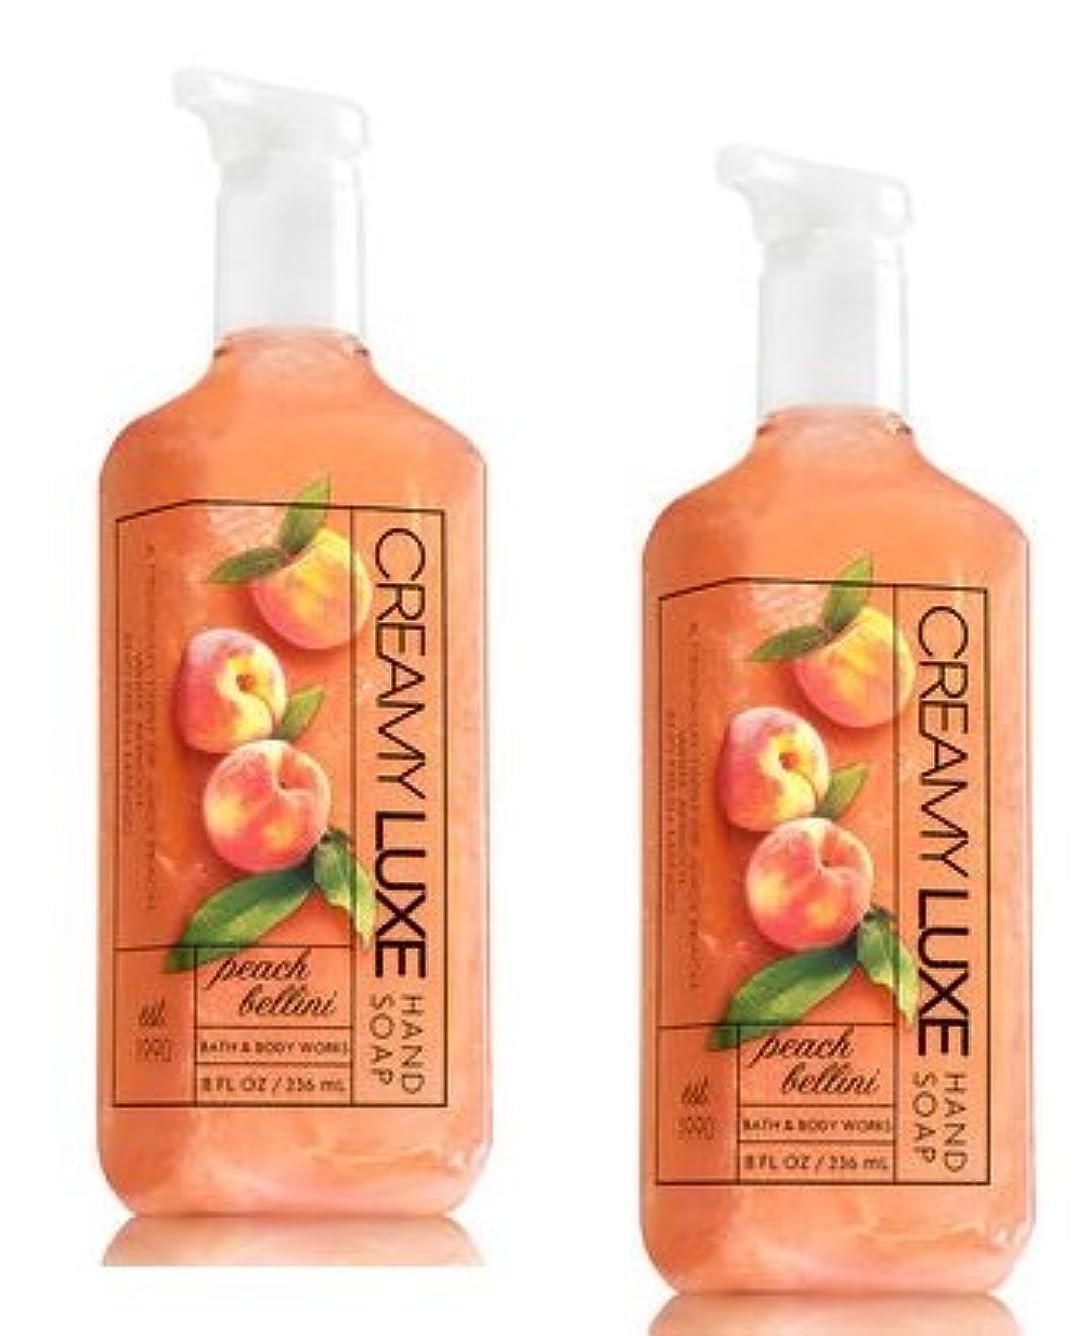 合計代理人エキゾチックBath & Body Works ピーチベリーニ クリーミー リュクス ハンドソープ 2本セット PEACH BELLINI Creamy Luxe Hand Soap. 8 oz 236ml [並行輸入品]